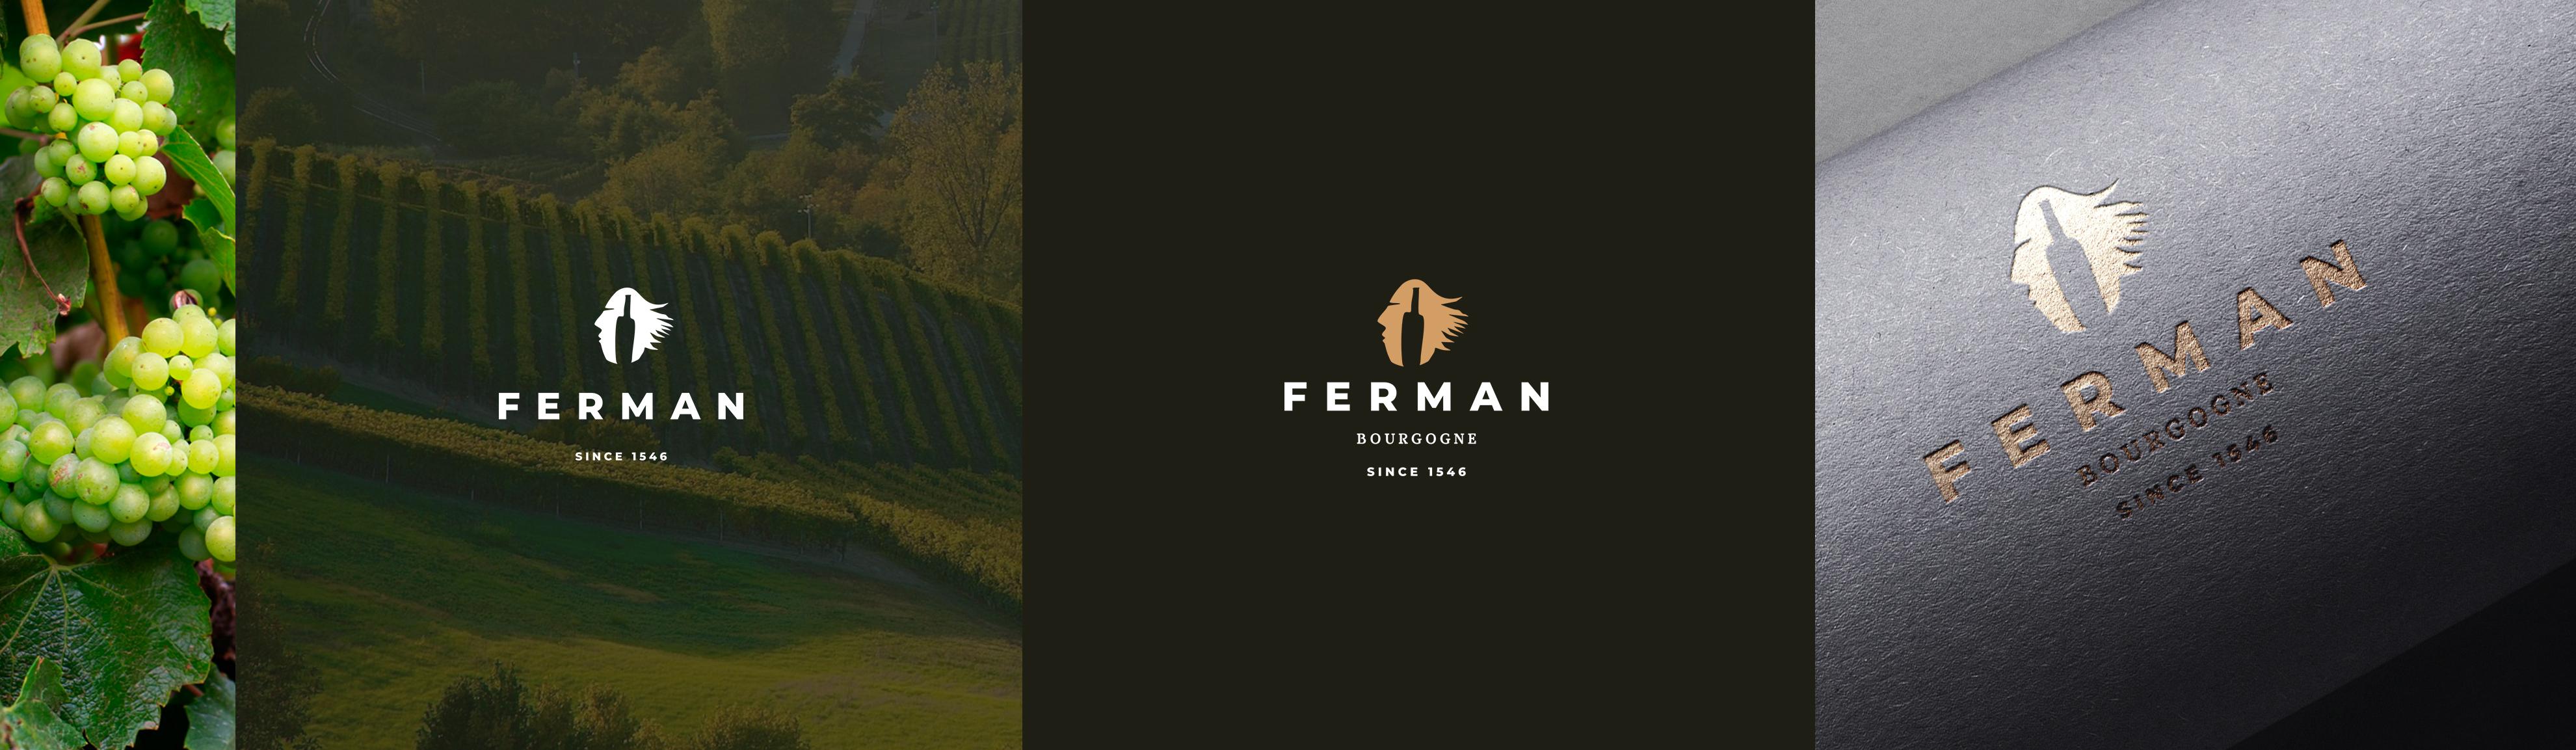 design logo winery company